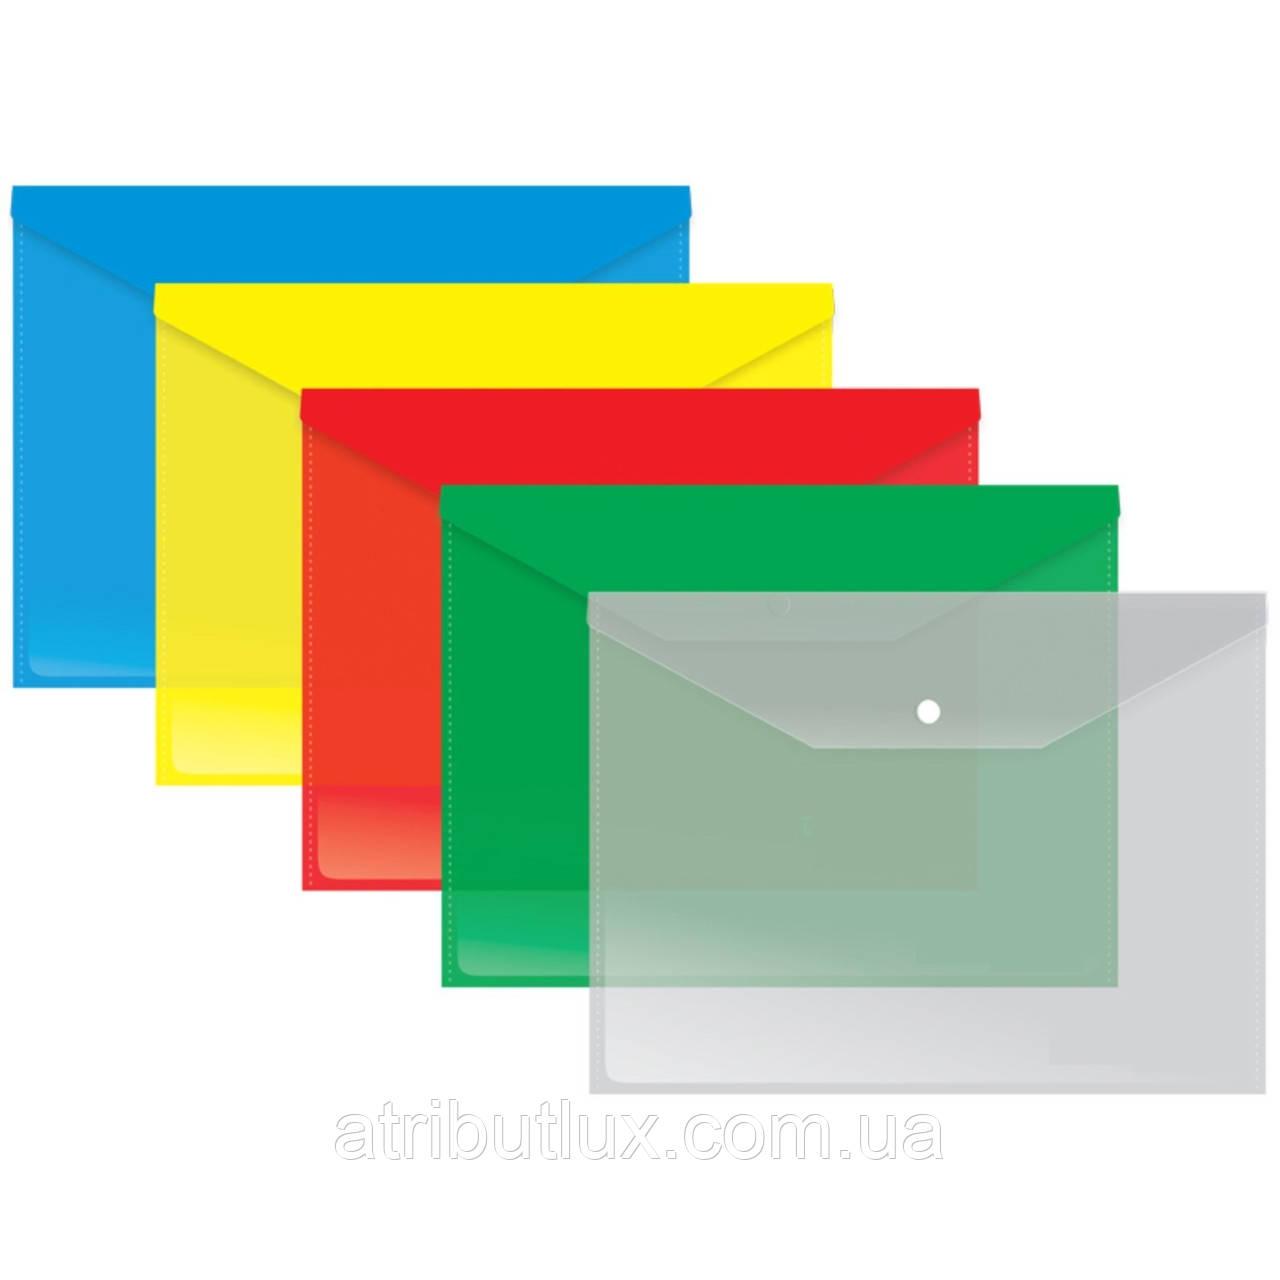 В5 папка-конверт прозрачная на кнопке 180 мкм, глянец